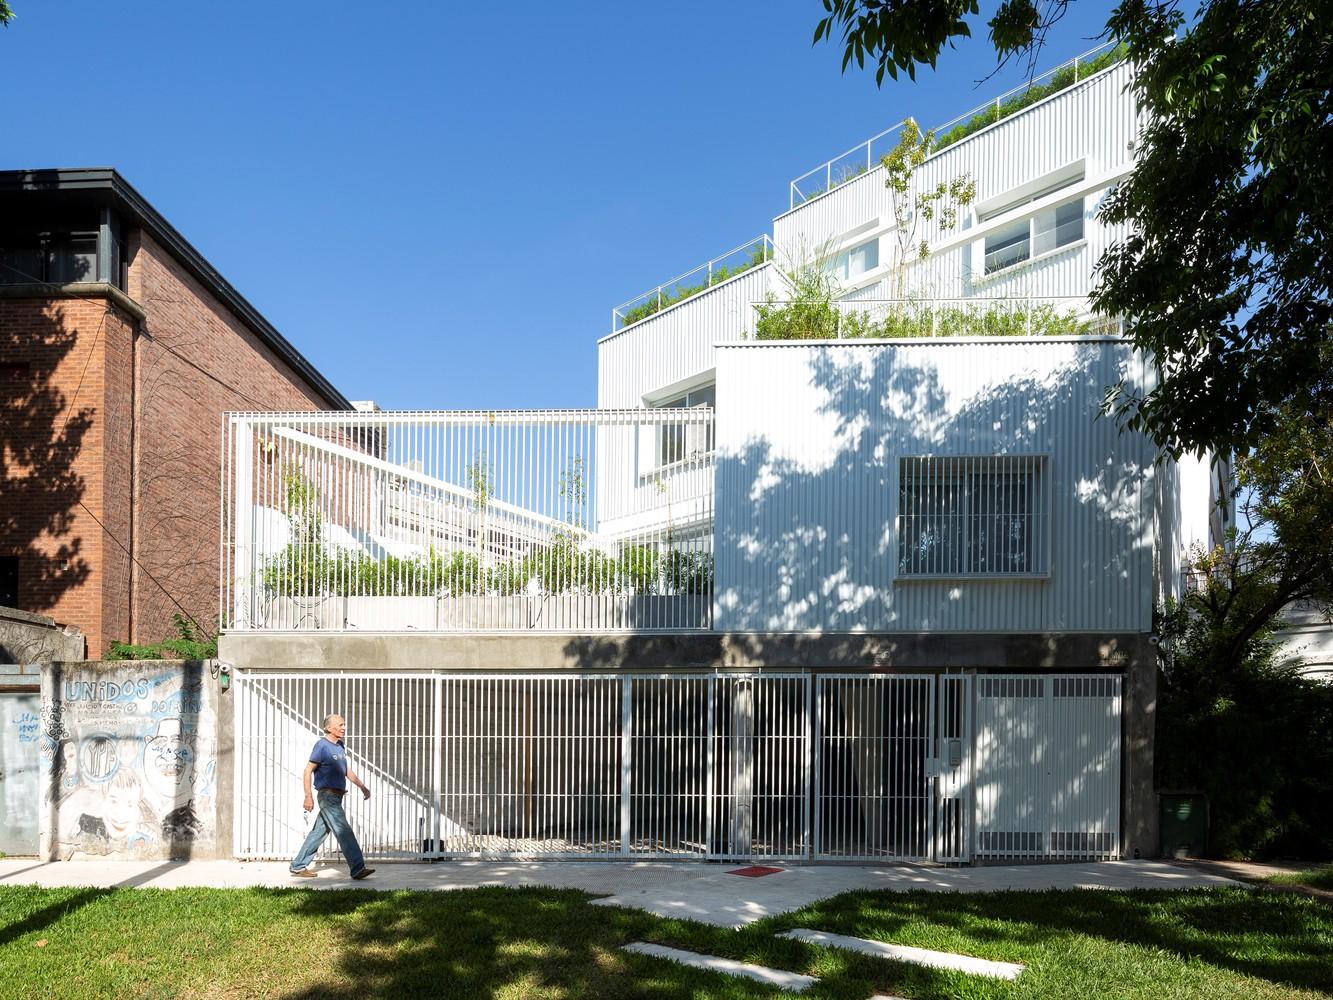 Tendencias en diseño y construcción del 2020: Lo recurrente, popular, relevante y sustancial,Commodore Apartment Building / Planta. Image © Javier Agustín Rojas